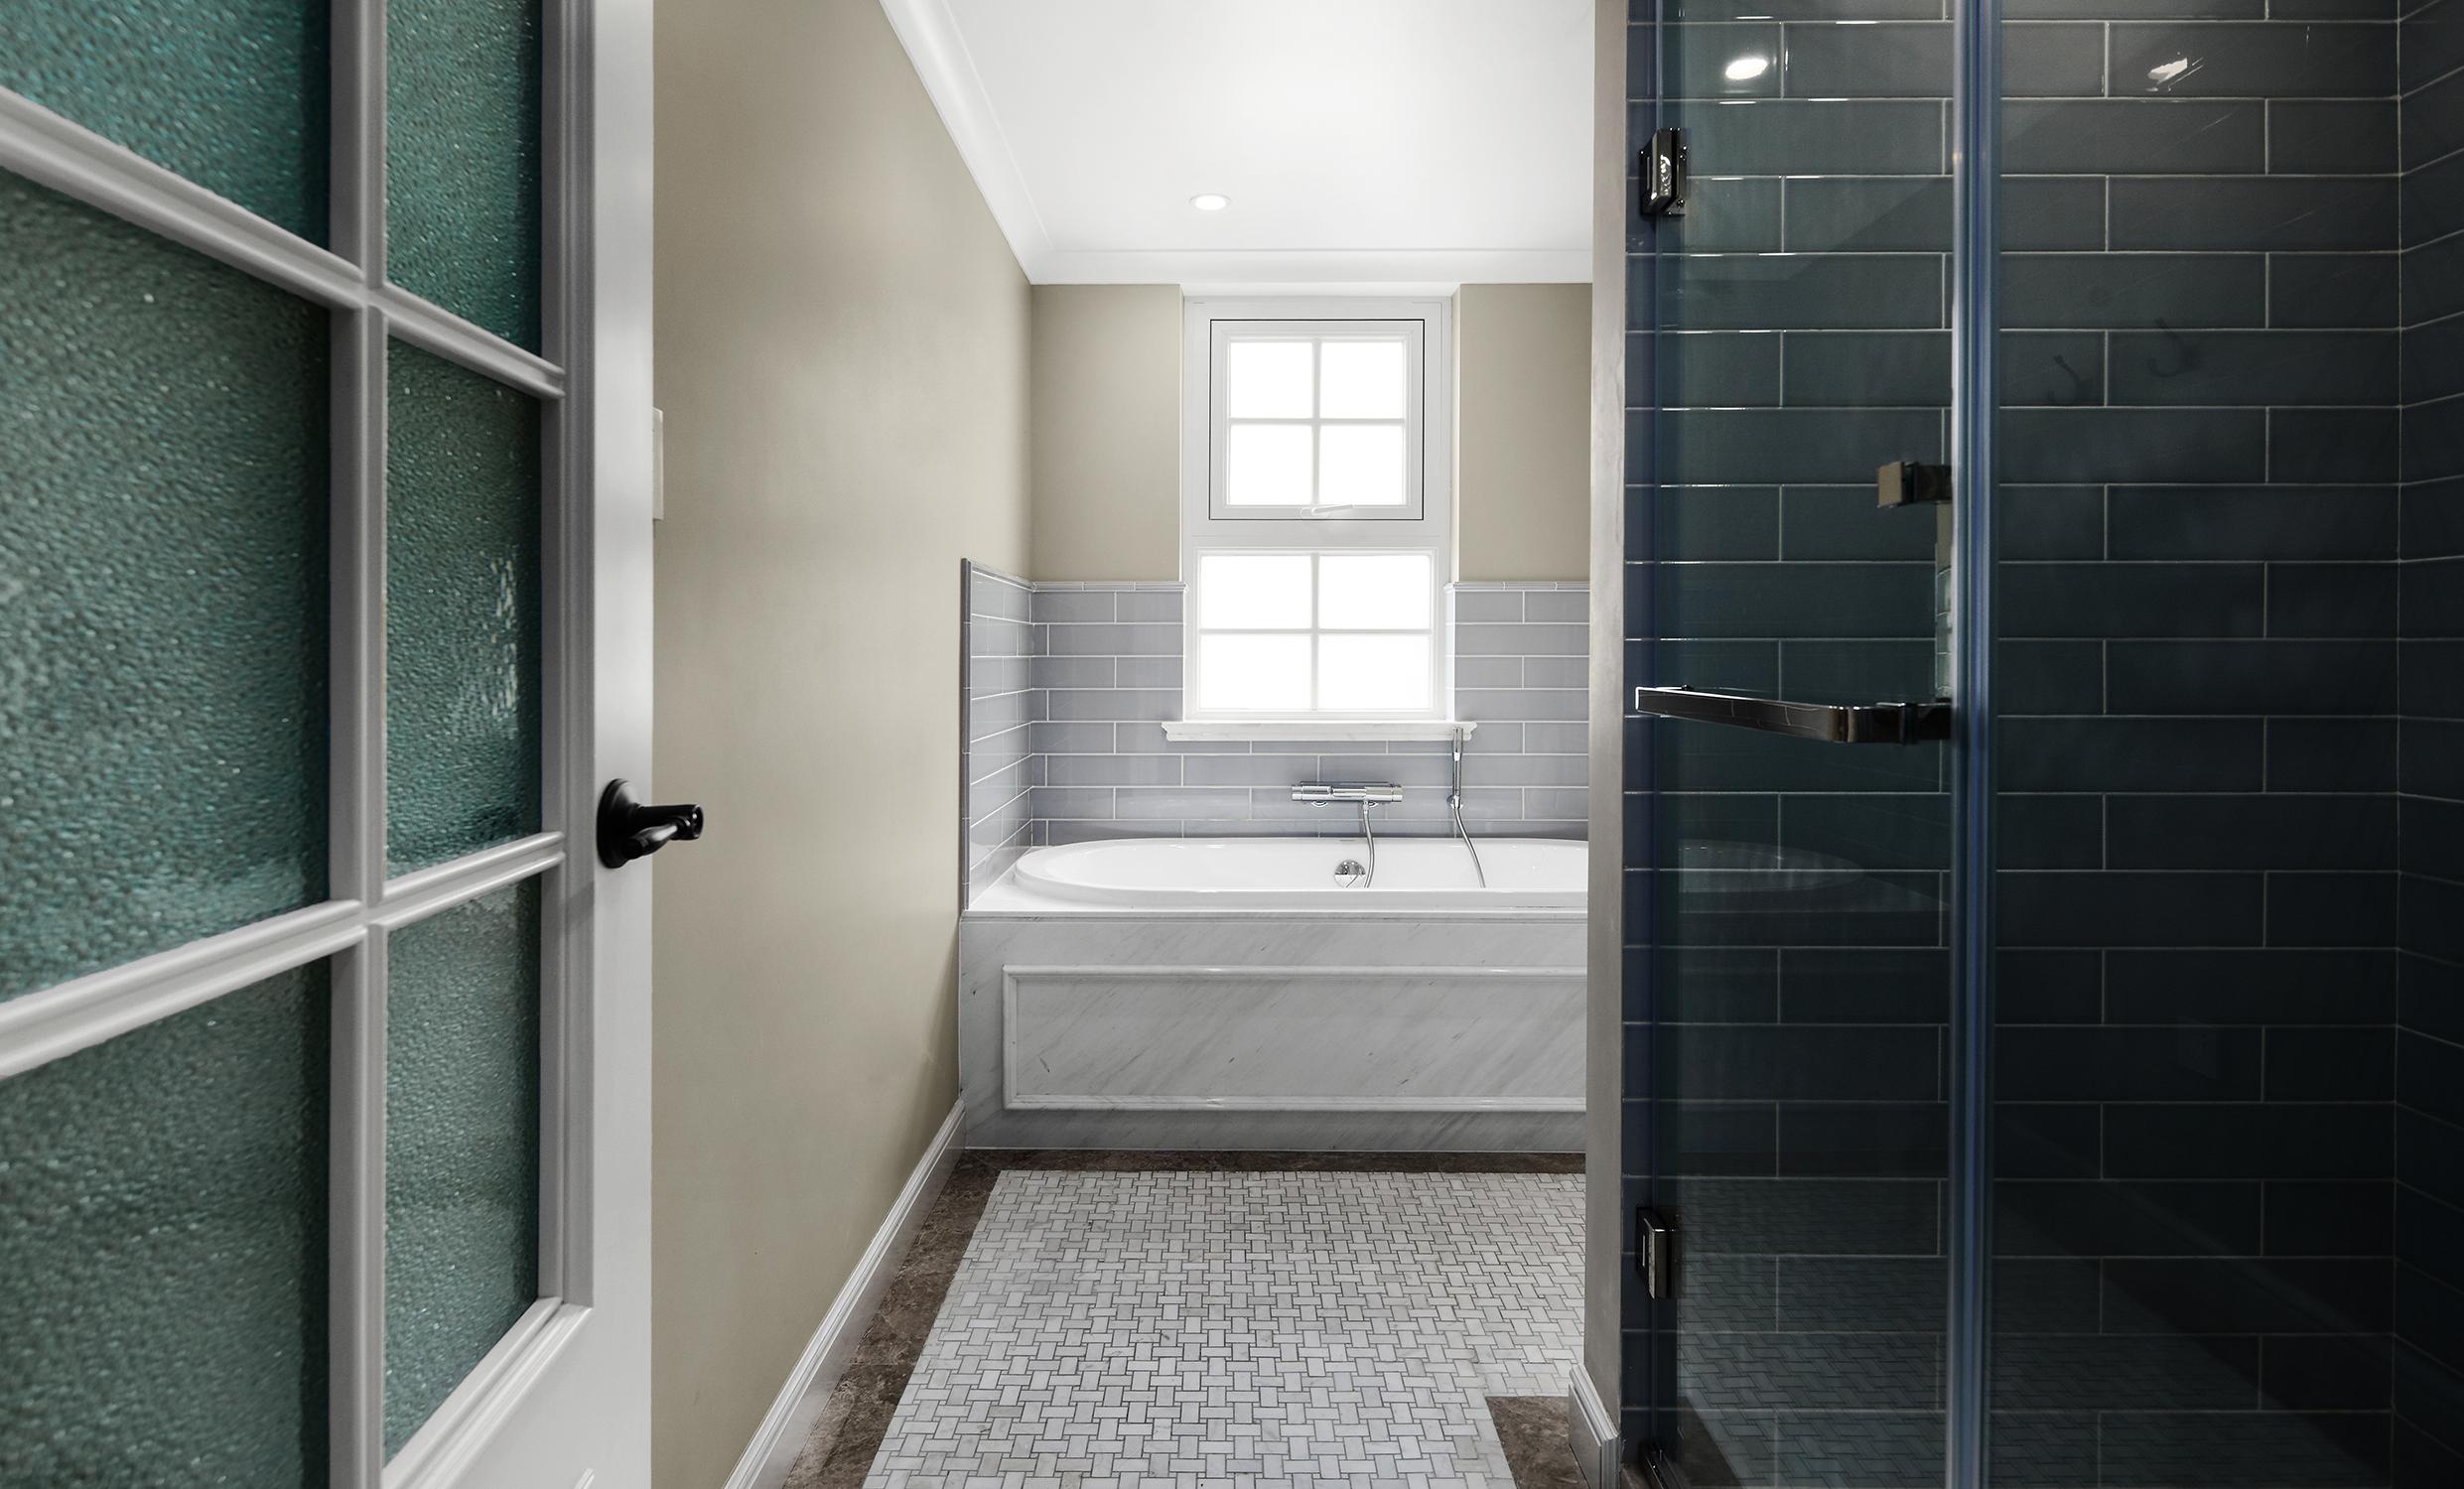 简美风格别墅卫生间装修效果图